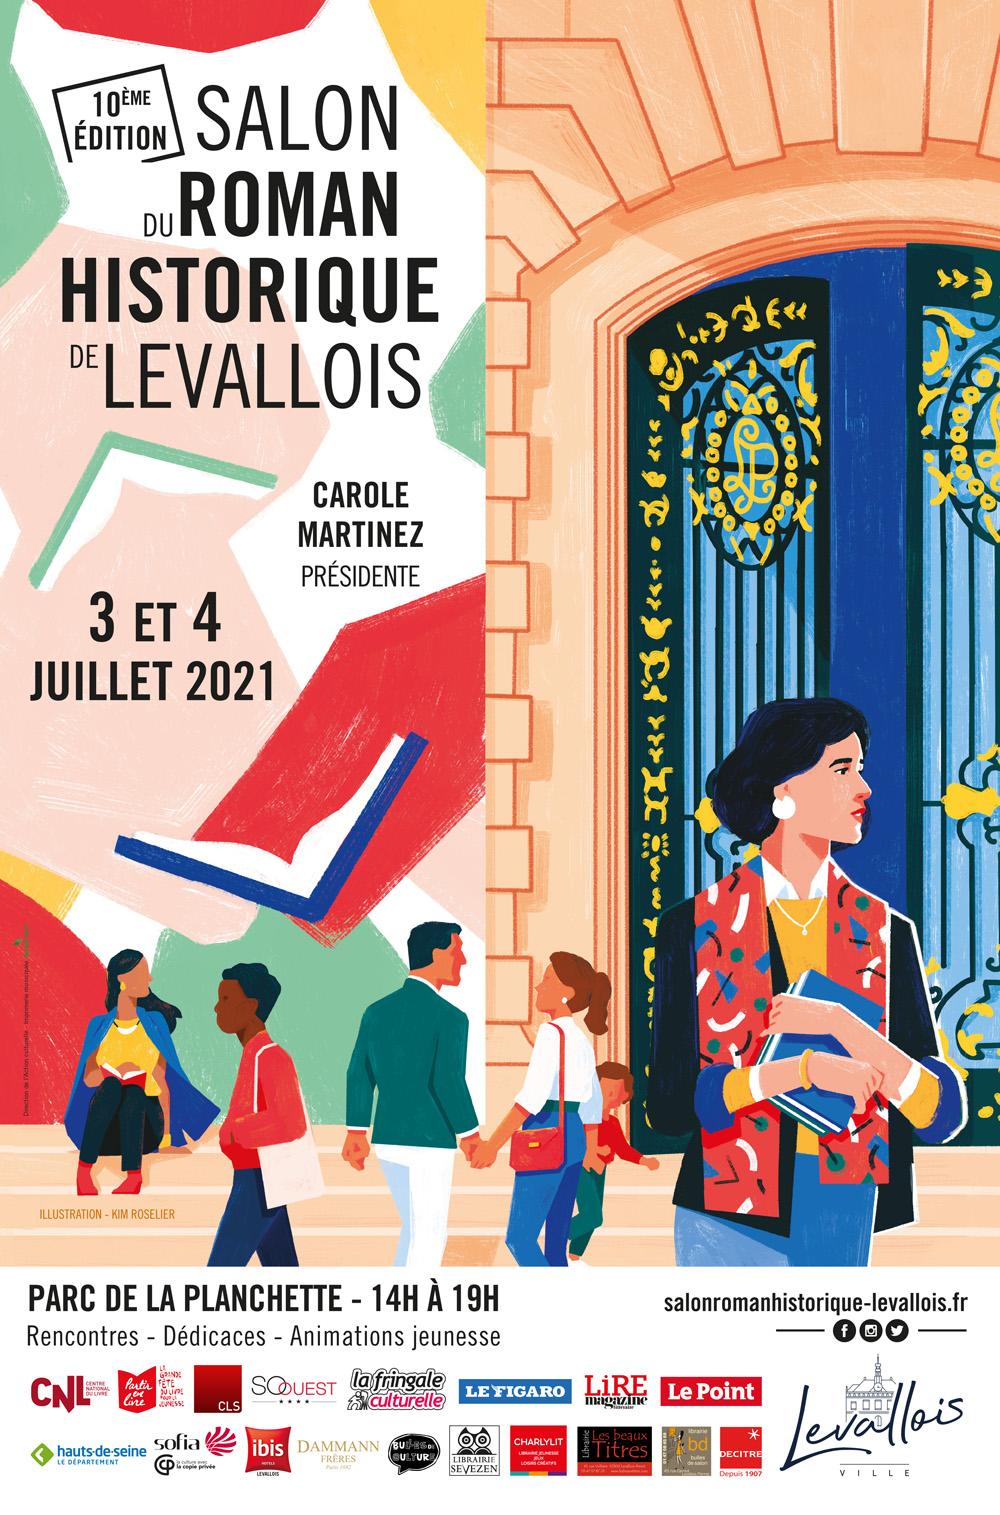 Salon du Roman historique levallois affiche 2021